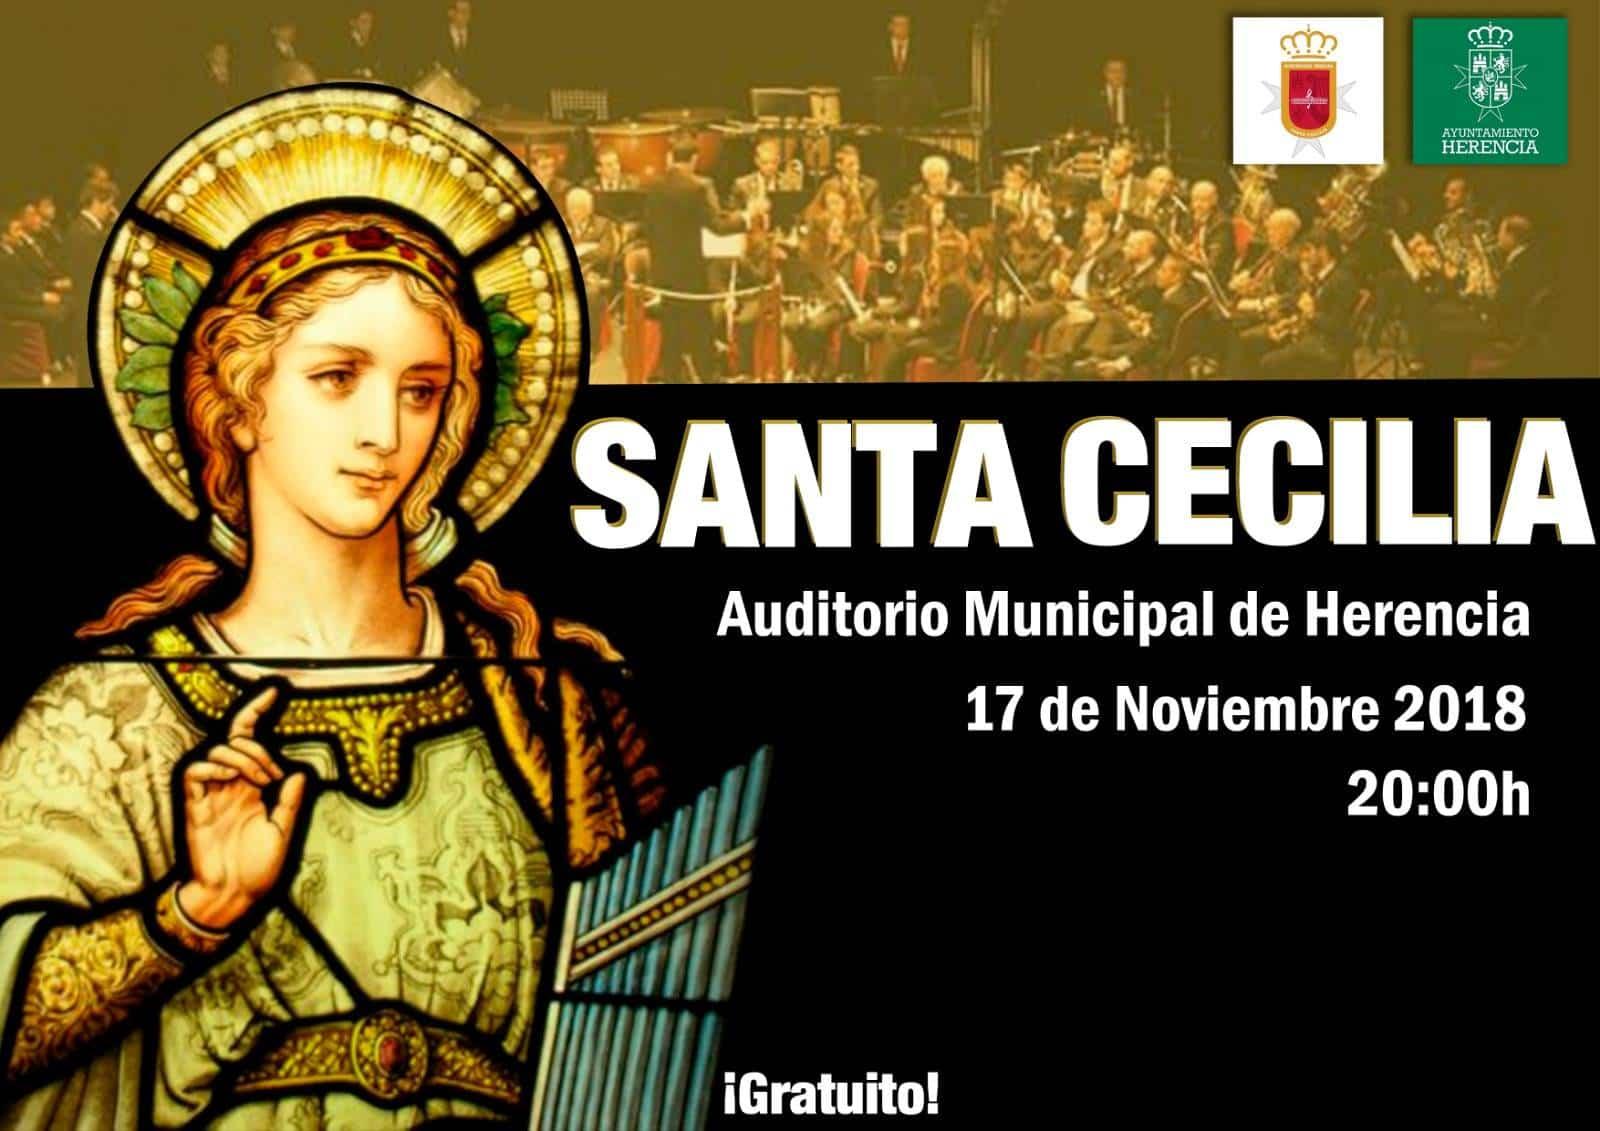 Concierto y actos en honor a Santa Cecilia 7